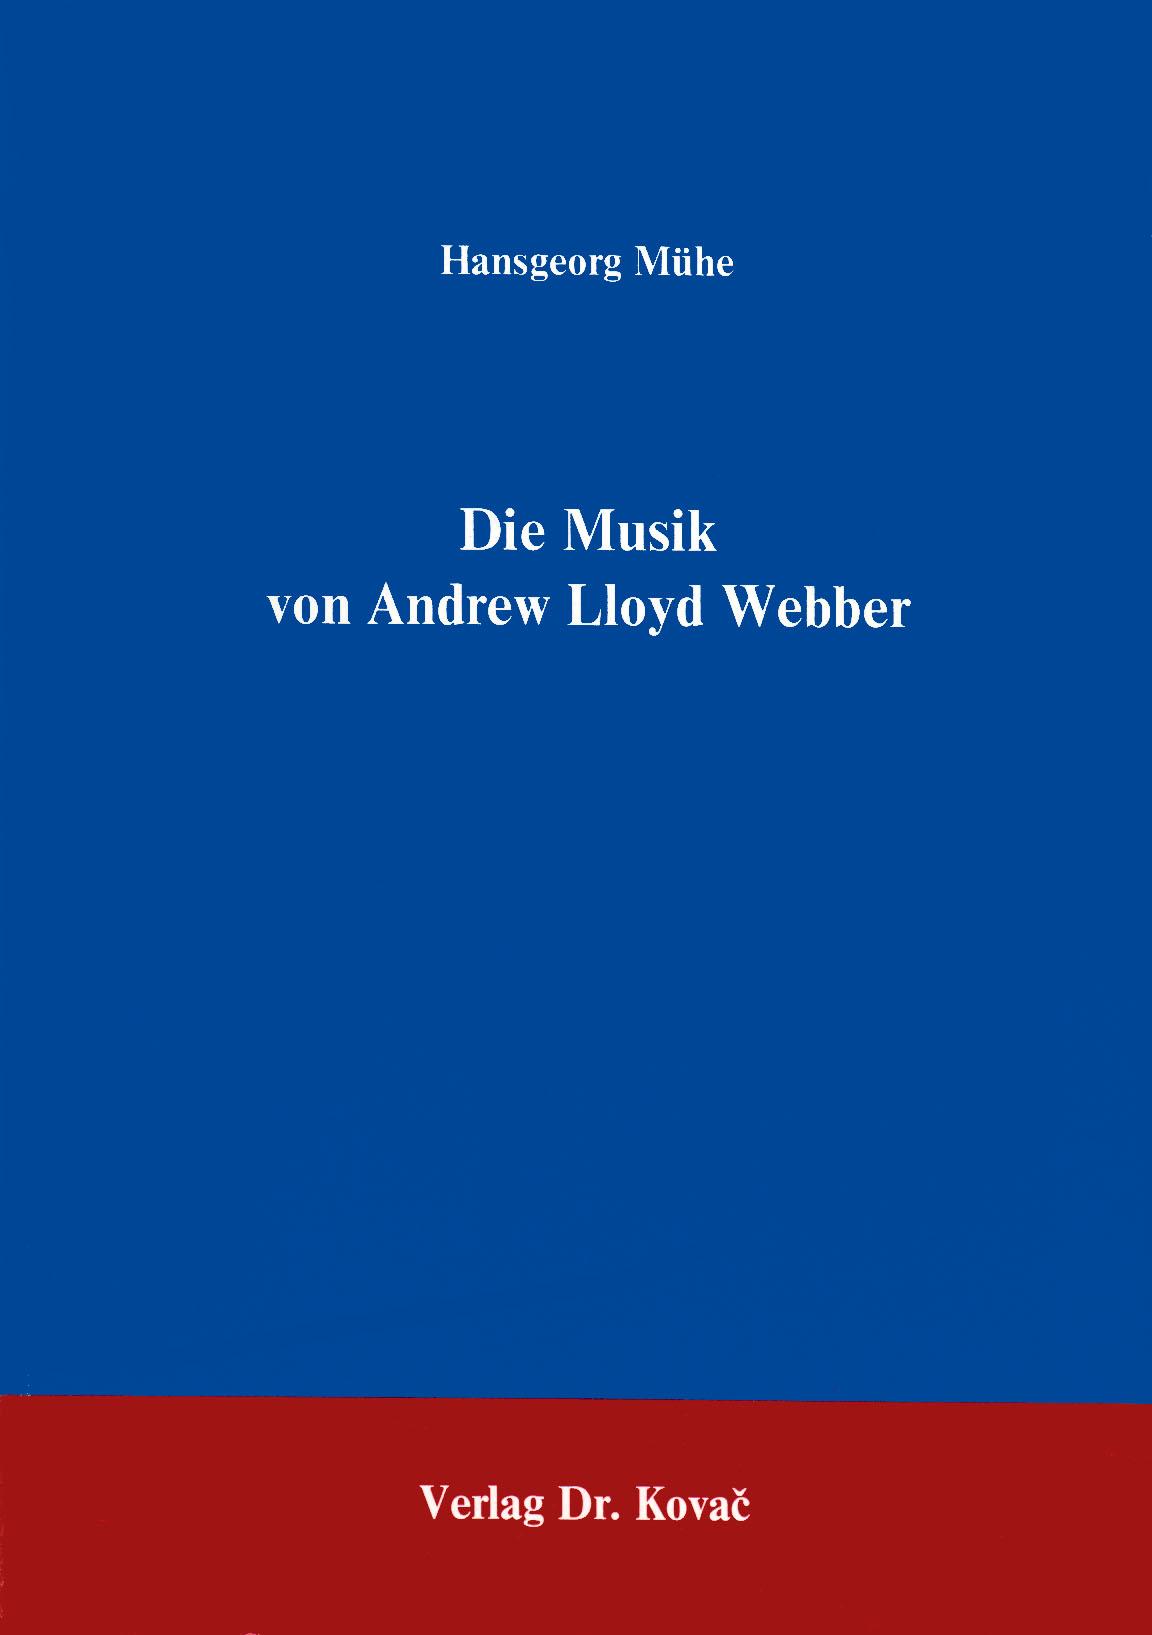 Cover: Die Musik von Andrew Lloyd Webber, 2. Aufl.